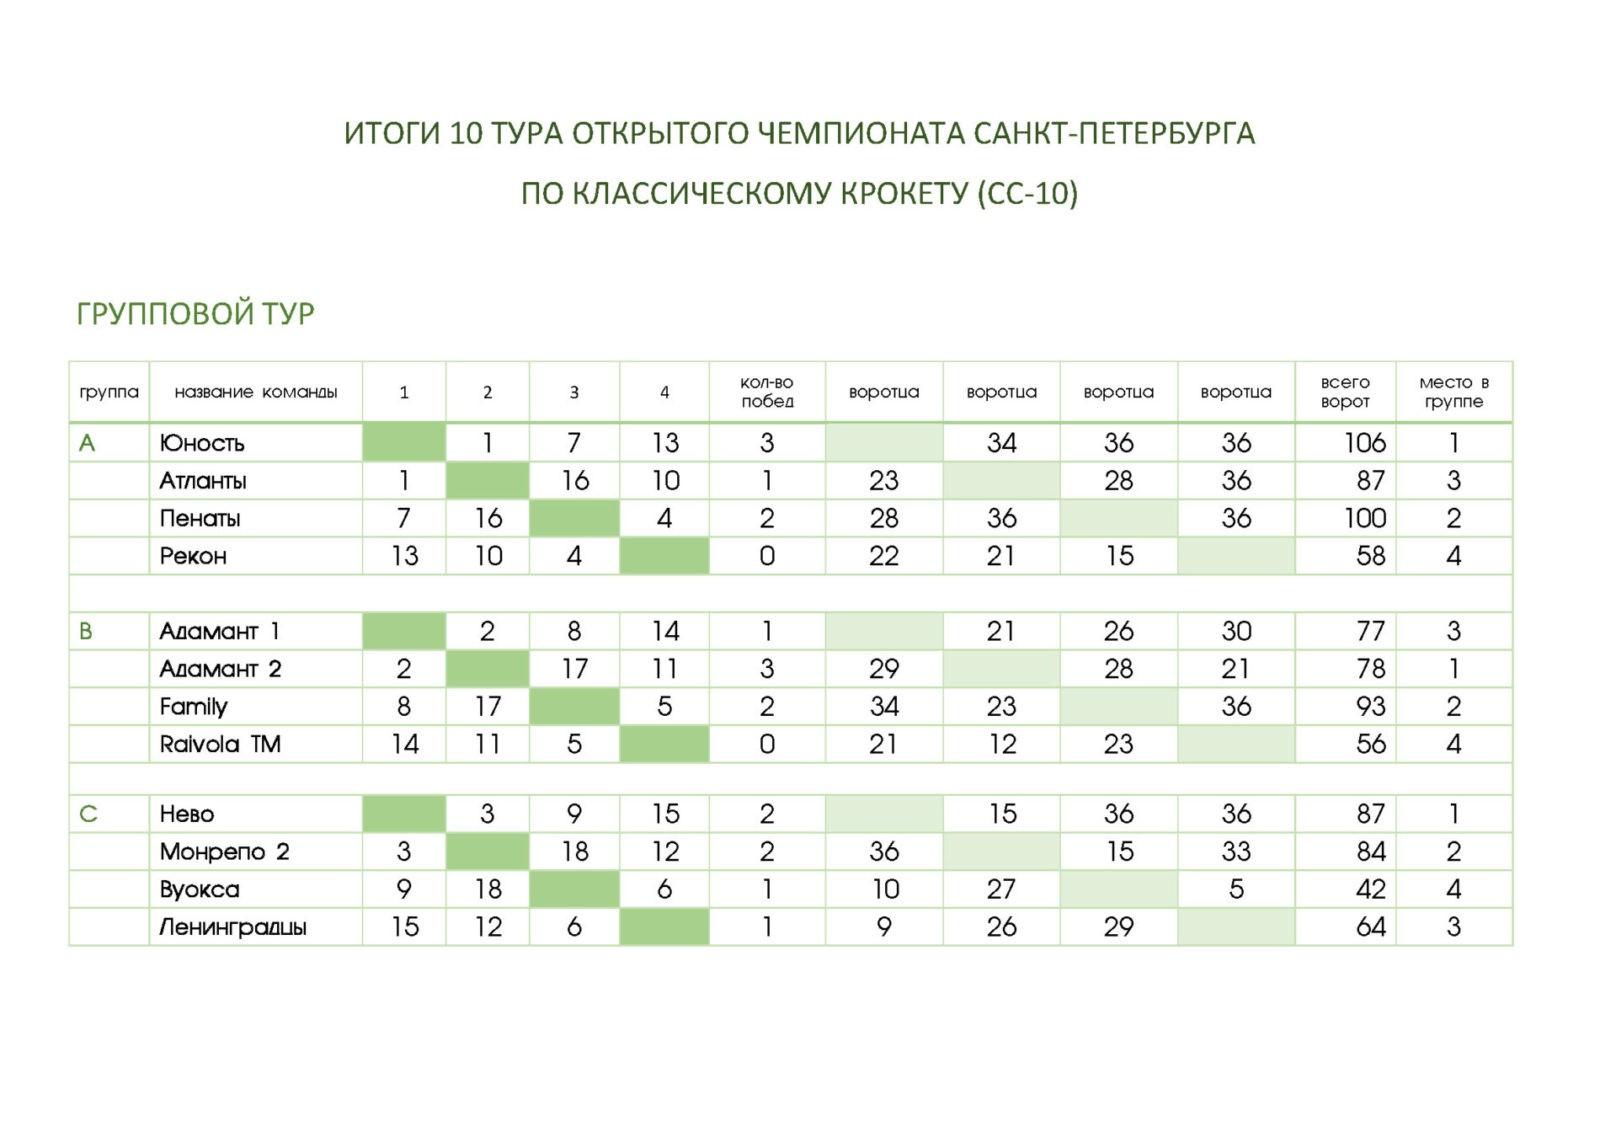 itogi-turnira_stranitsa_1